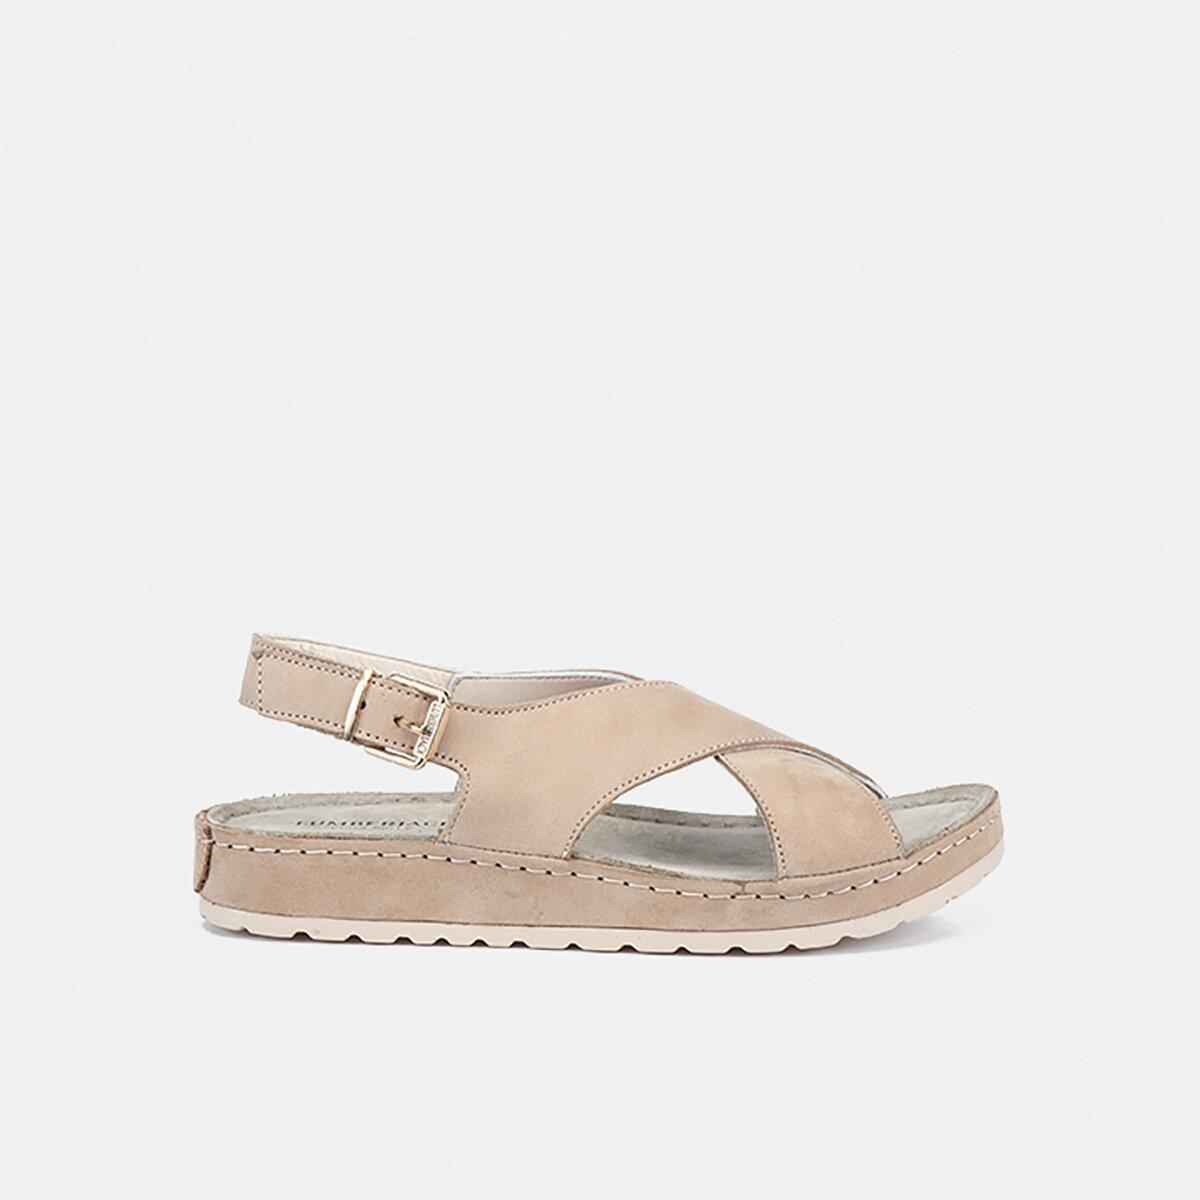 EZA CREAM Woman Sandals